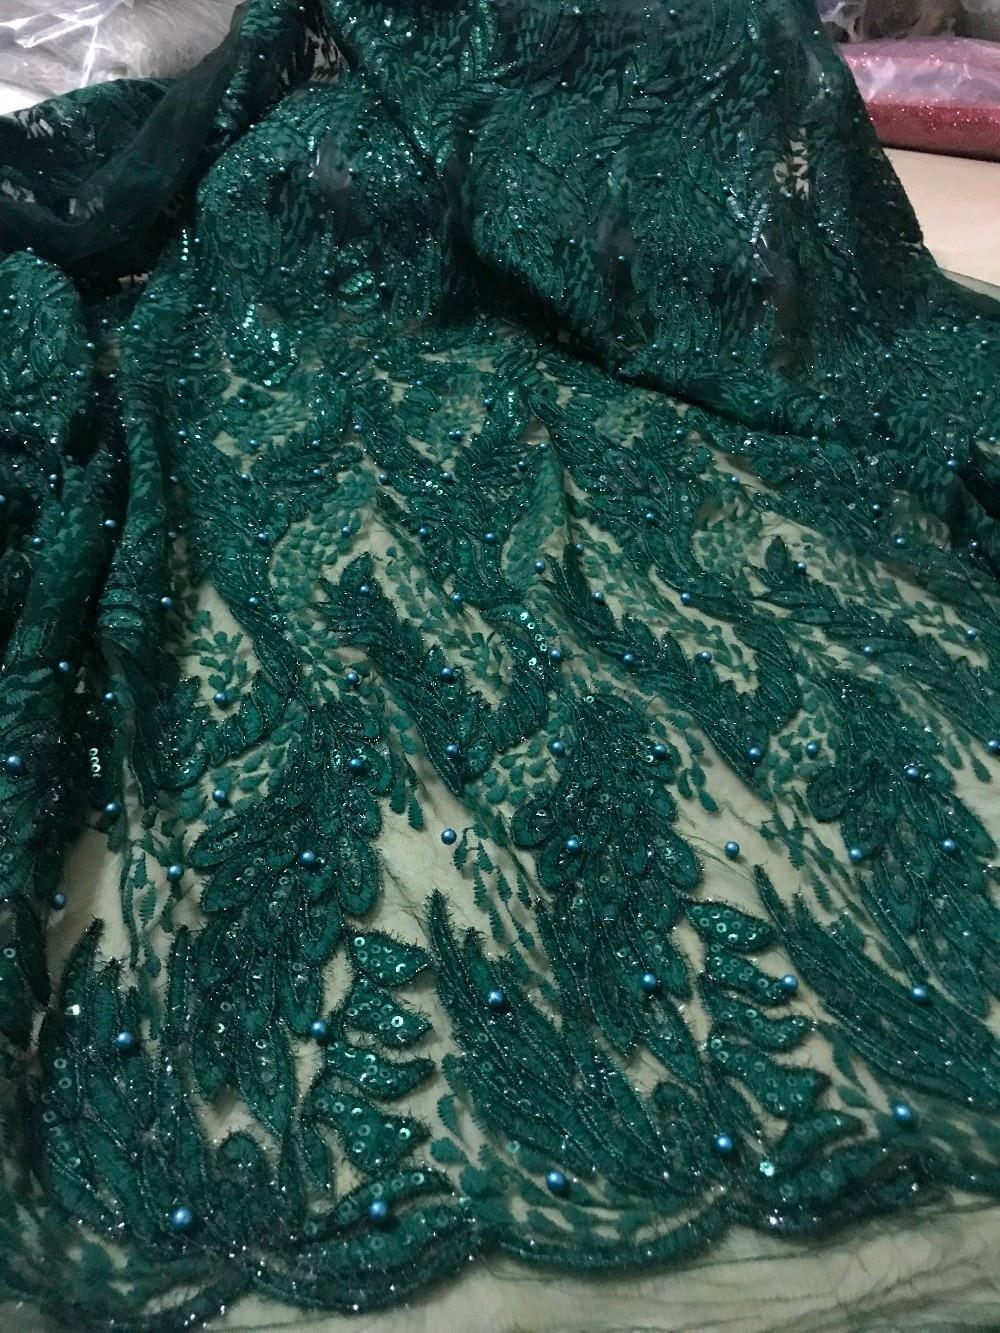 Neueste JIANXI.C 4903 afrikanische guipure spitze stoff mit stickerei mesh nigerian tüll spitze stoff-in Spitze aus Heim und Garten bei  Gruppe 1